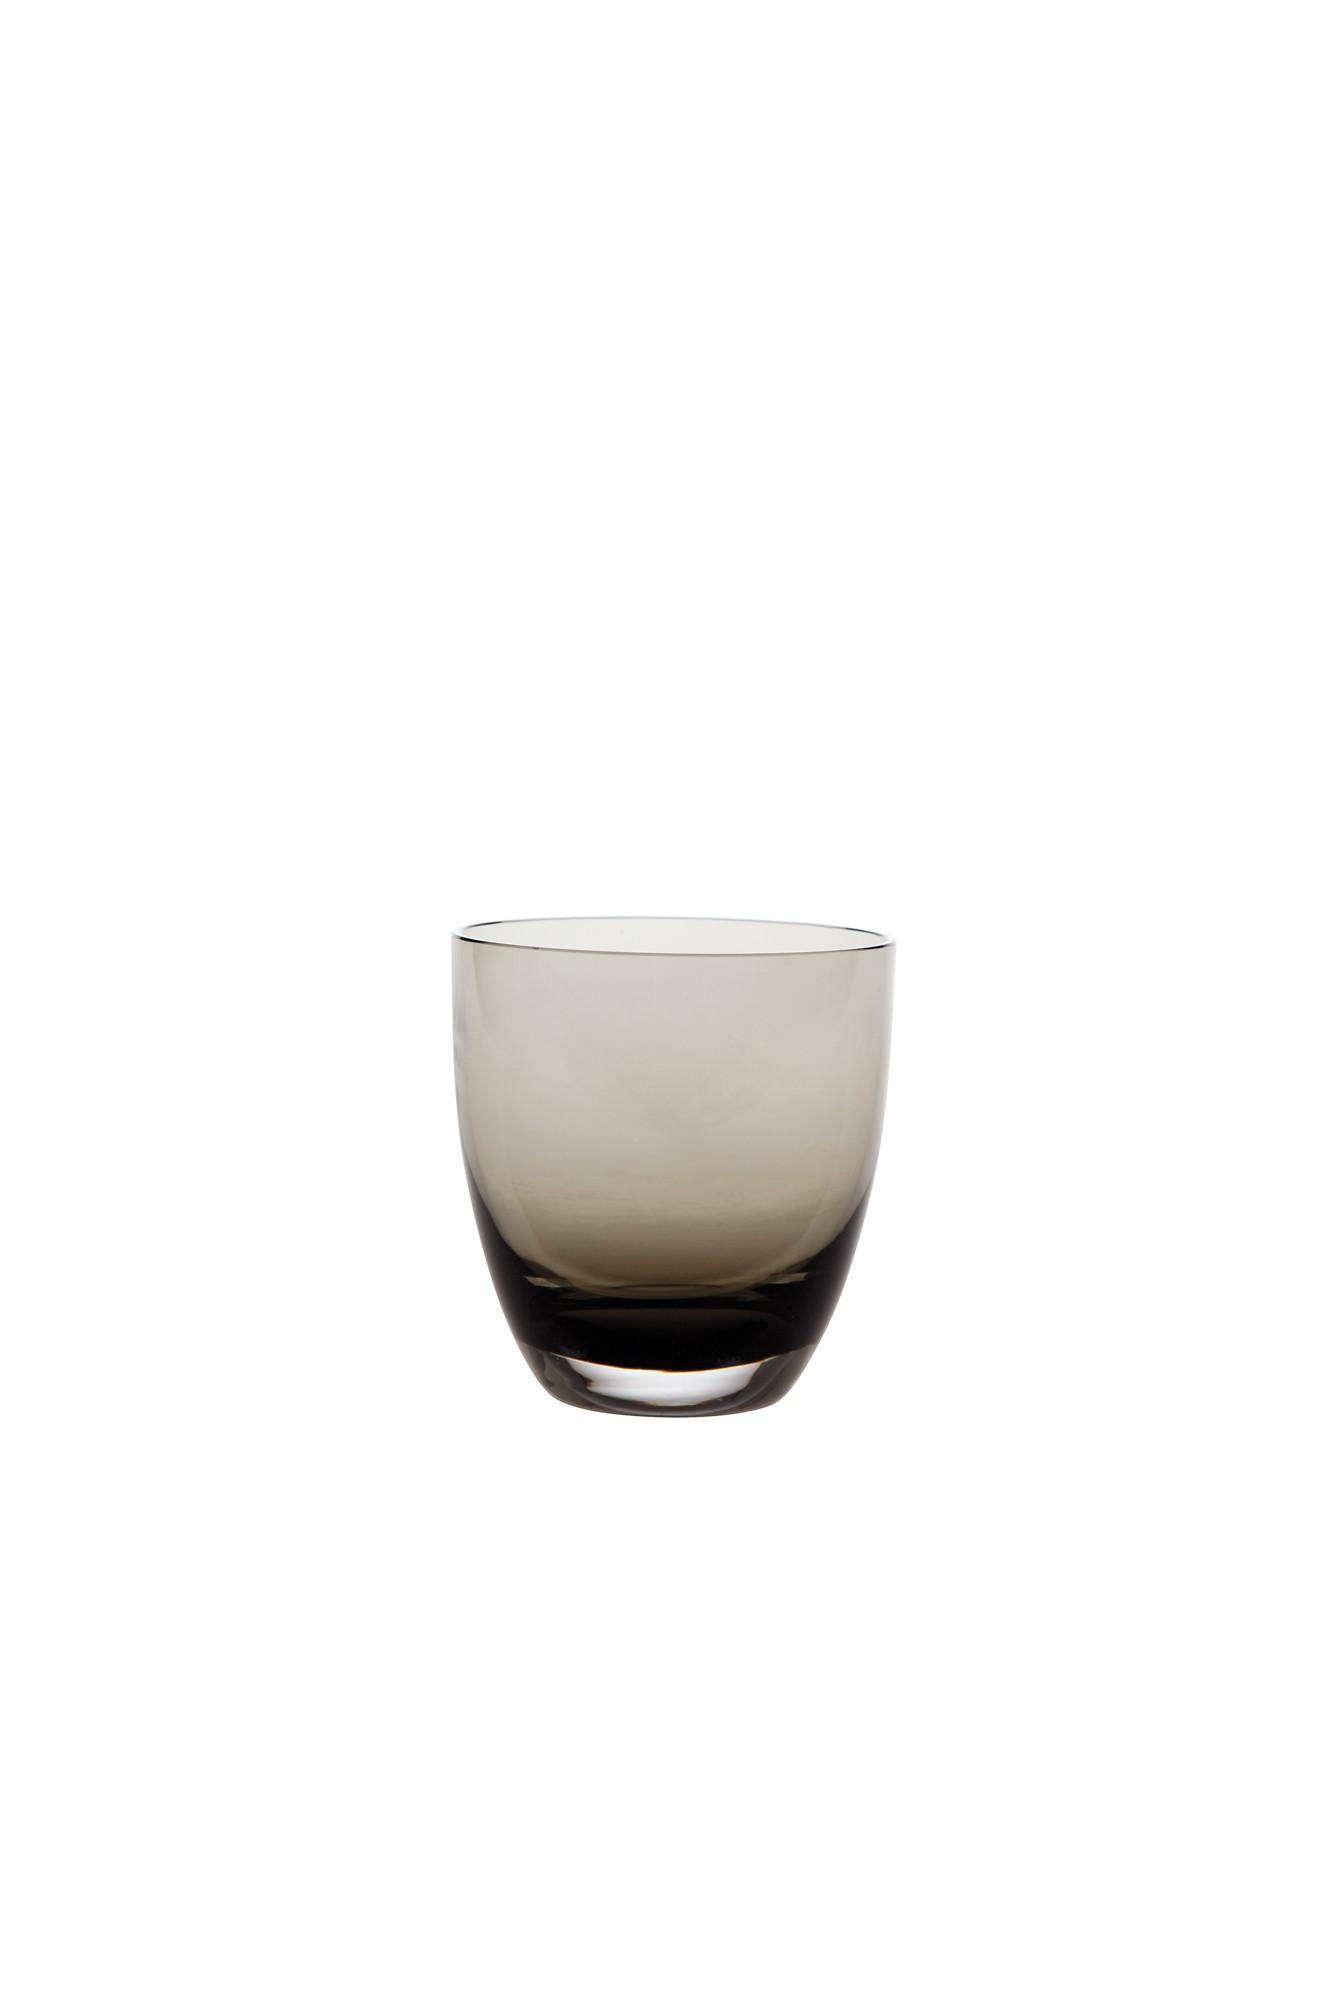 Ποτήρι Ουισκι Paradise Smoke Σετ 6Τμχ 360ml Ionia home   ειδη σερβιρισματος   ποτήρια